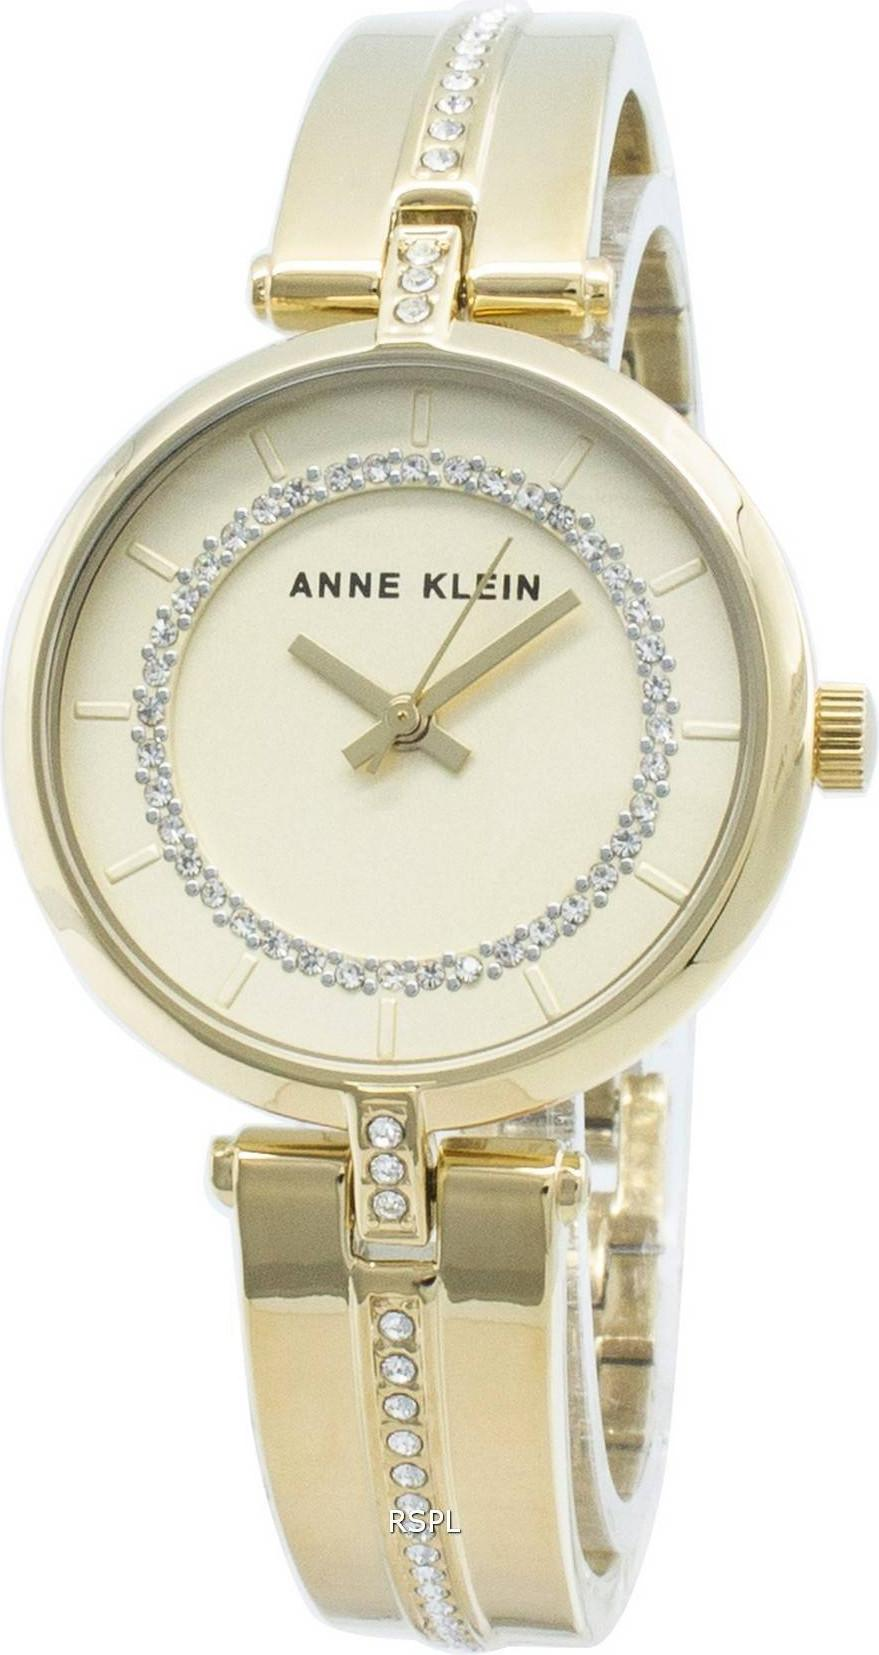 Đồng hồ thời trang nữ ANNE KLEIN 3248CHGB